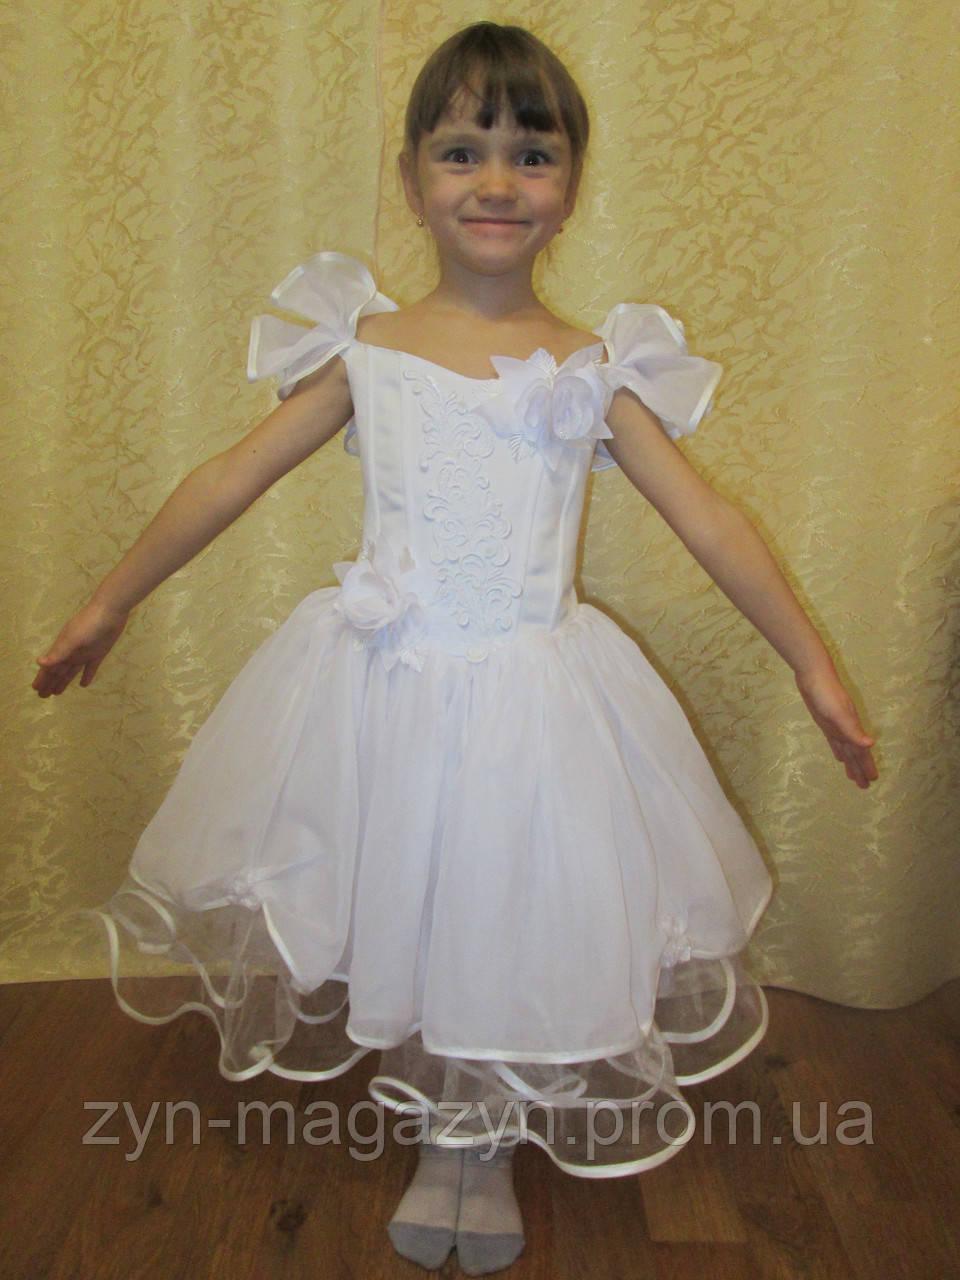 Endlessbam — Платья напрокат харьков детские. 7636ea1d0a89c